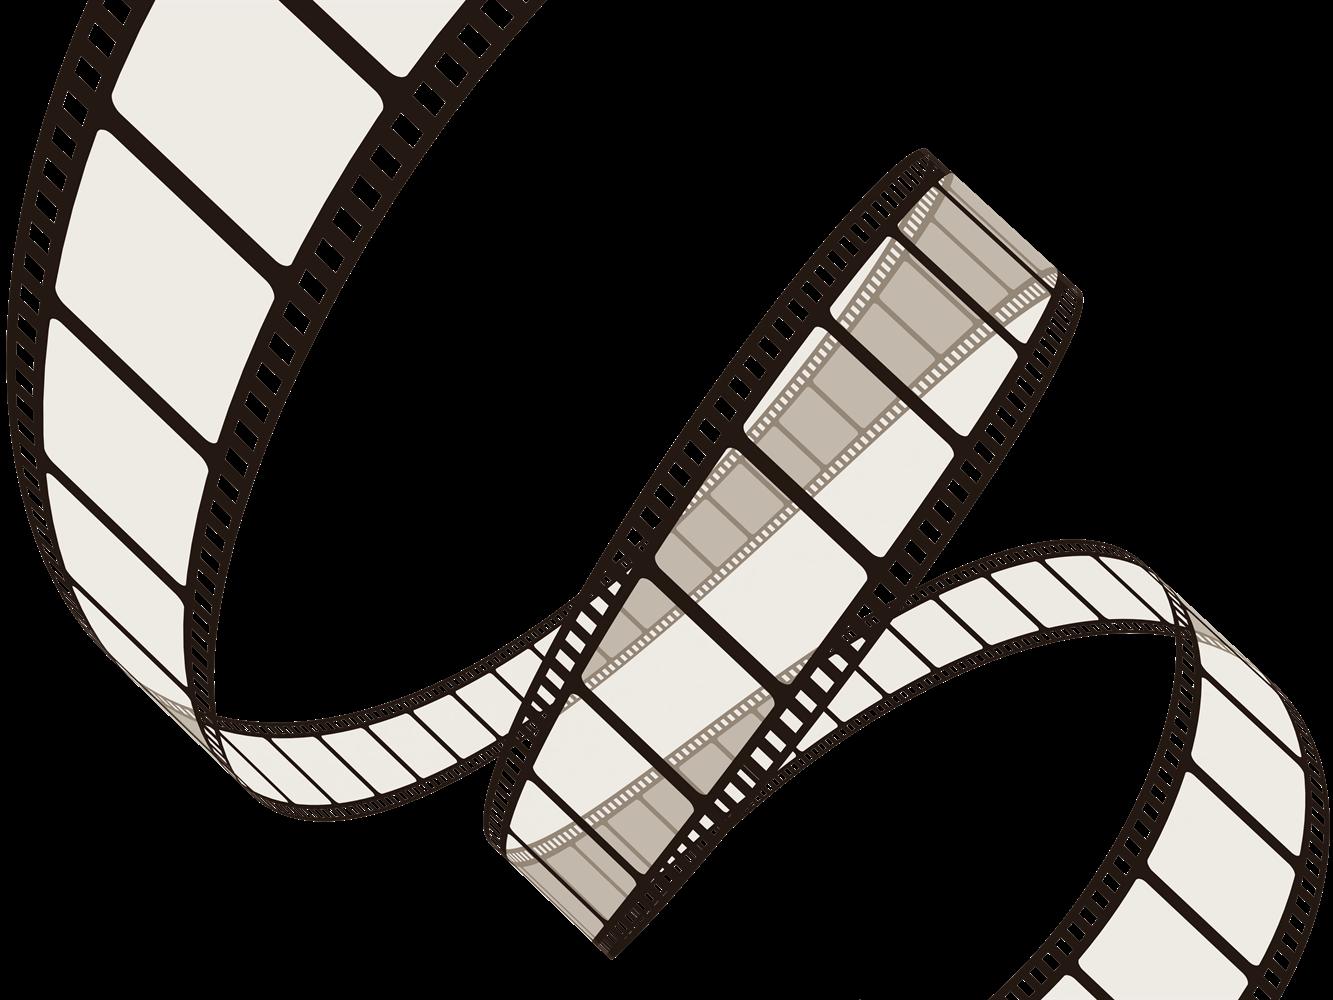 videomaterial-symbol